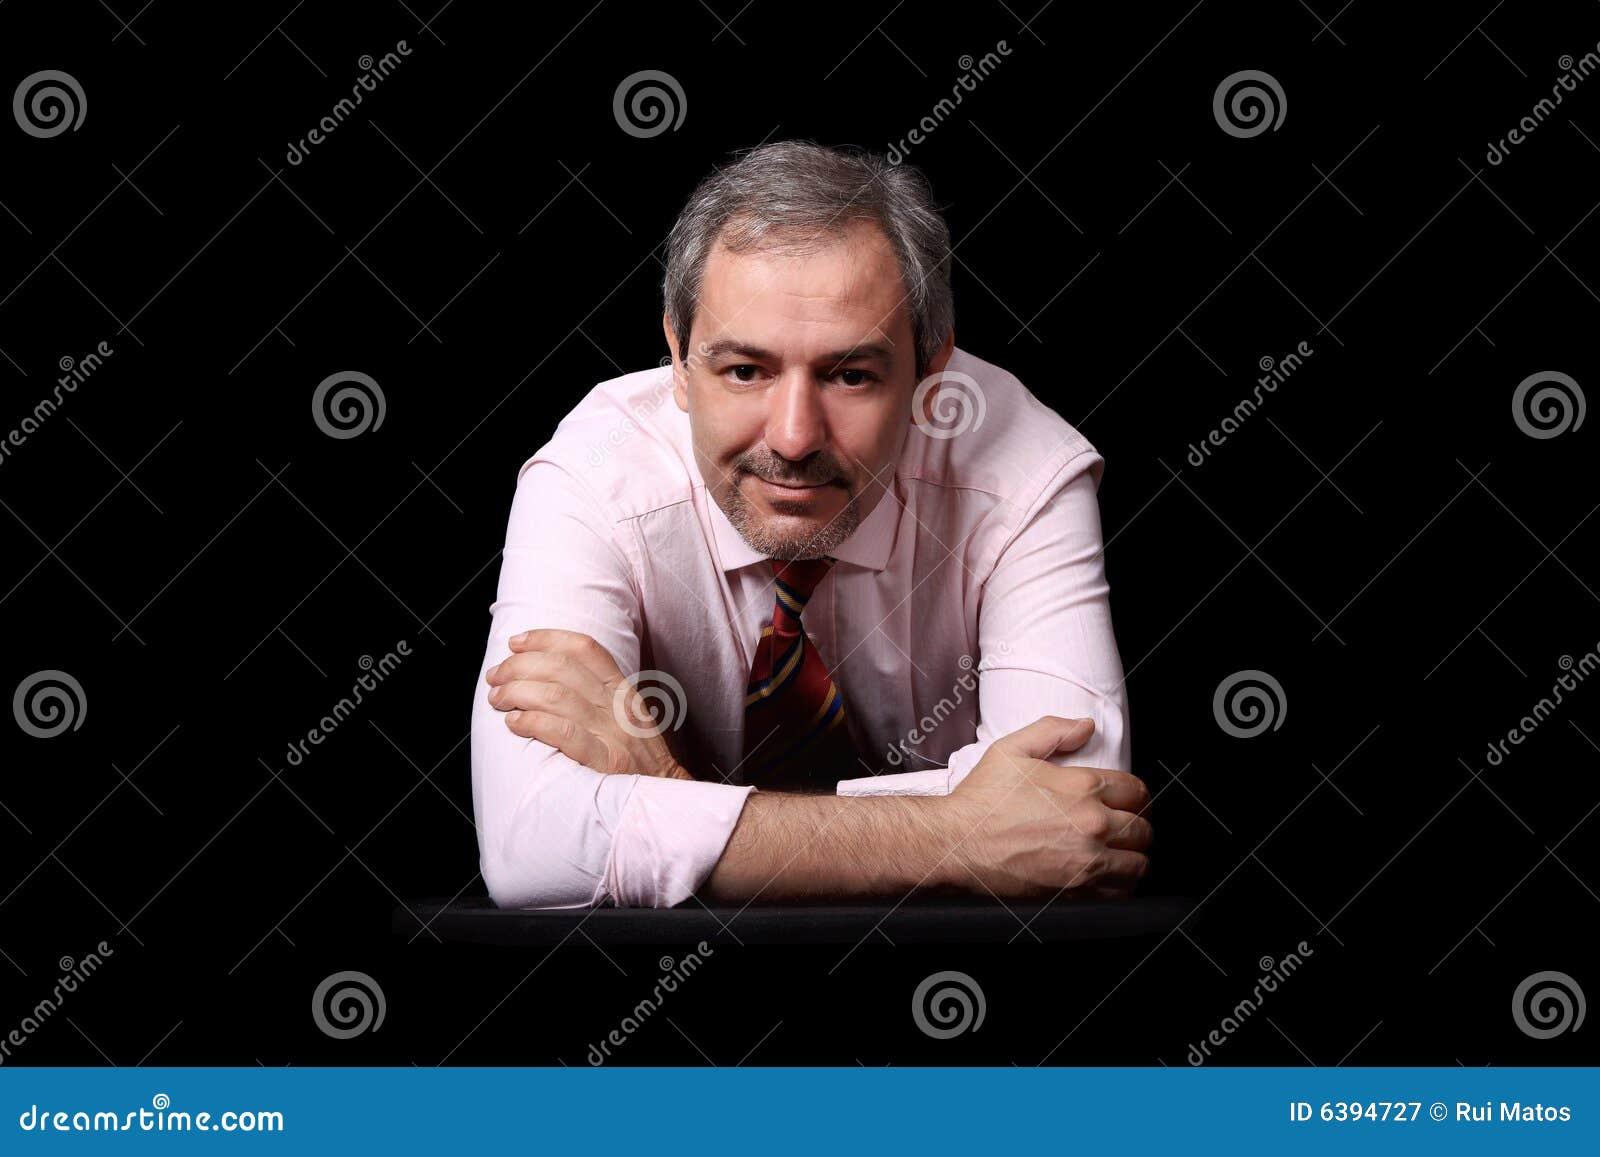 Casual businessman portrait over black